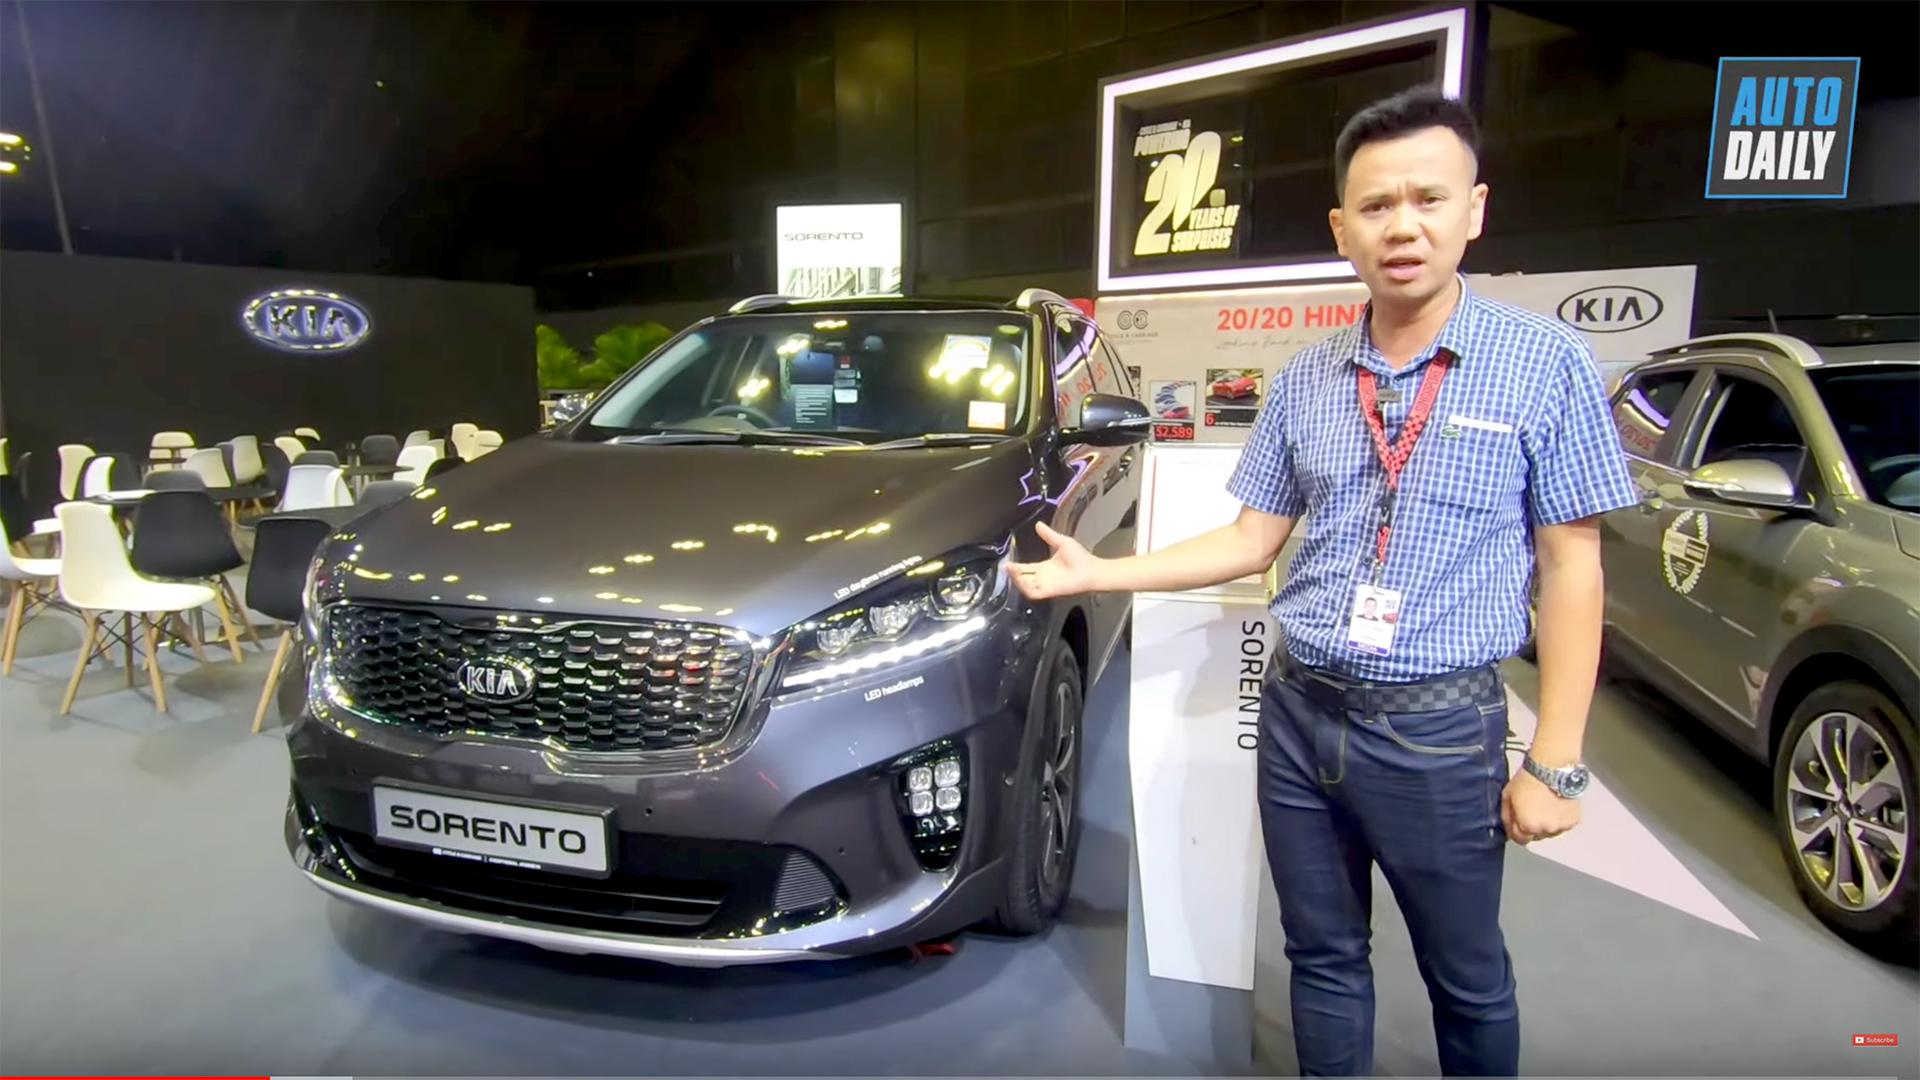 Đánh giá Kia Sorento 2020: Chờ ngày về Việt Nam, quyết đấu Toyota Fortuner và Hyundai Santa Fe 2020